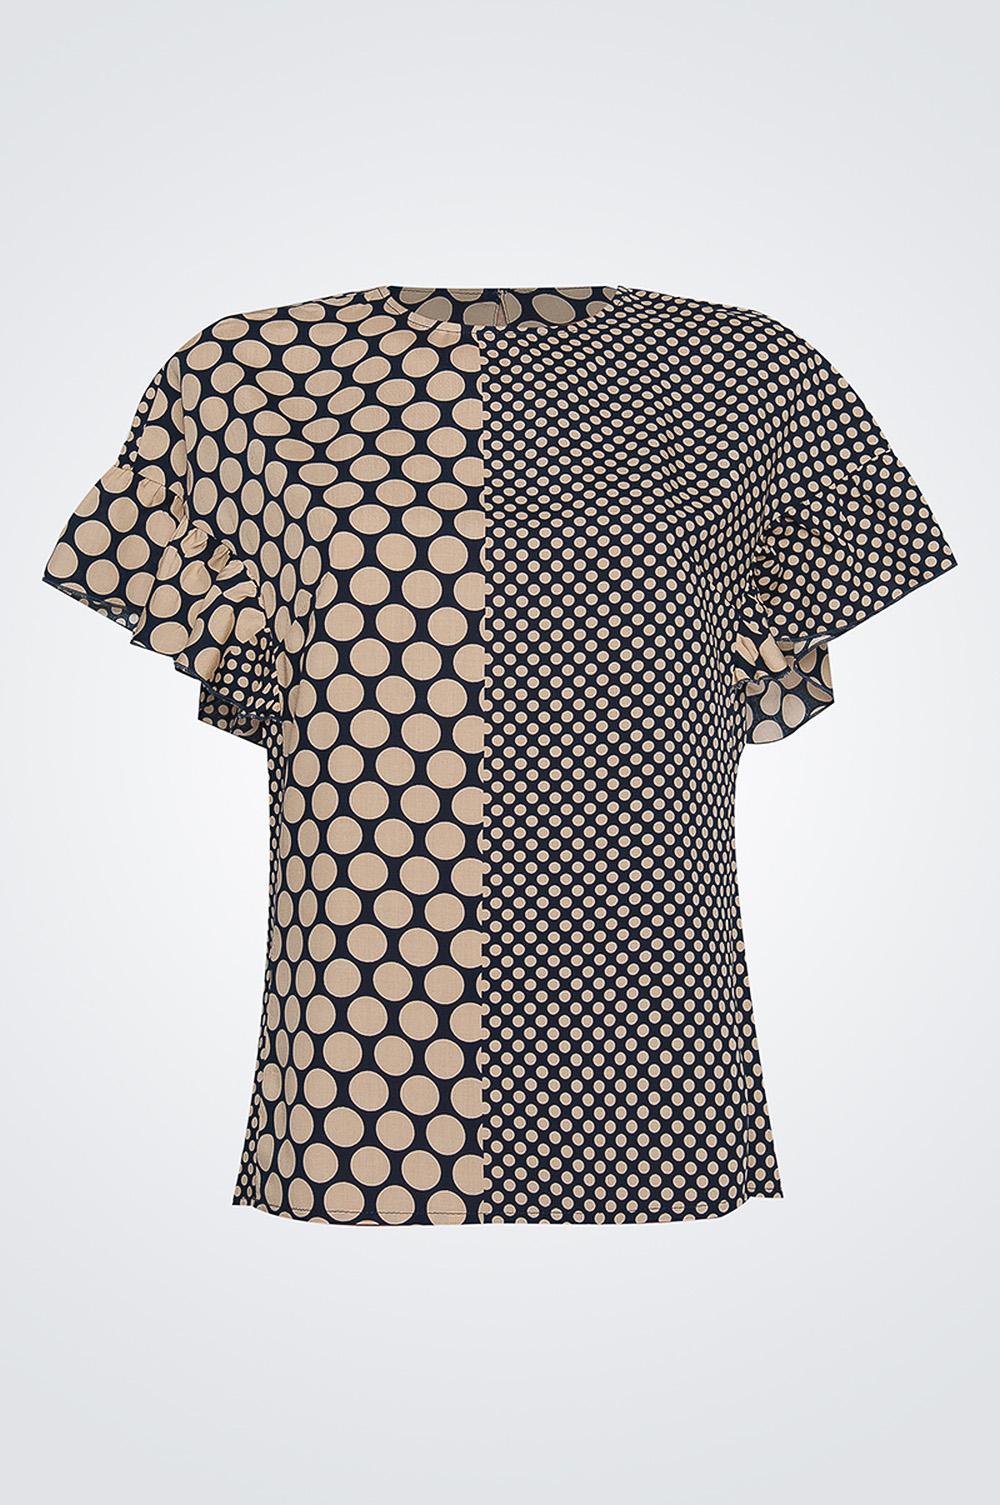 БлузкаБлузки<br>Женская блуза прямого силуэта длиной до бедер, горловина изделия круглая, обработана окантовкой, рукав оформлен пышными воланами, застежка по спинке изделия на пуговицу.   Параметры изделия:  44 размер: обхват груди - 92 см, длина изделия - 60 см;  52 размер: обхват груди - 110 см, длина изделия - 63 см.  Цвет: бежевый, темно-синий.<br><br>Горловина: С- горловина<br>По материалу: Хлопок<br>По рисунку: В горошек,С принтом,Цветные<br>По сезону: Весна,Зима,Лето,Осень,Всесезон<br>По силуэту: Прямые<br>По стилю: Повседневный стиль,Летний стиль<br>По элементам: С воланами и рюшами,С декором<br>Рукав: Короткий рукав<br>Размер : 42,44,46,48,50,52<br>Материал: Хлопок<br>Количество в наличии: 8